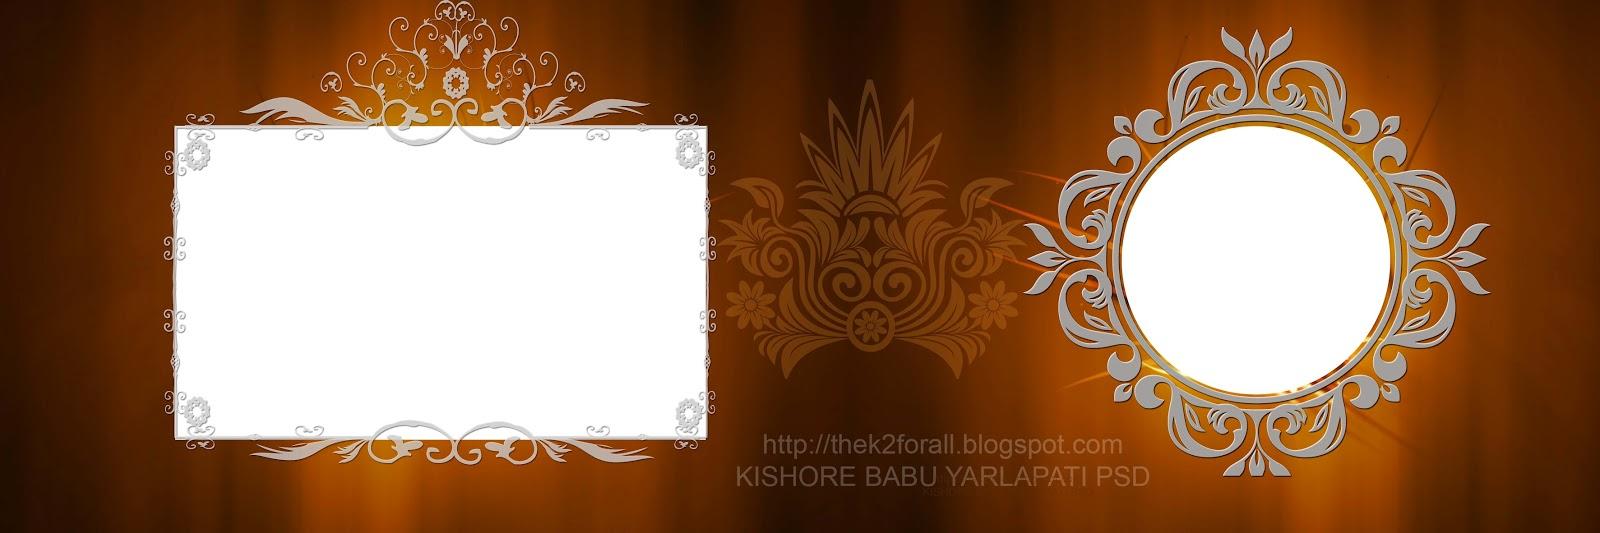 Karizma Photoshop Templates With Gorgeous Frames